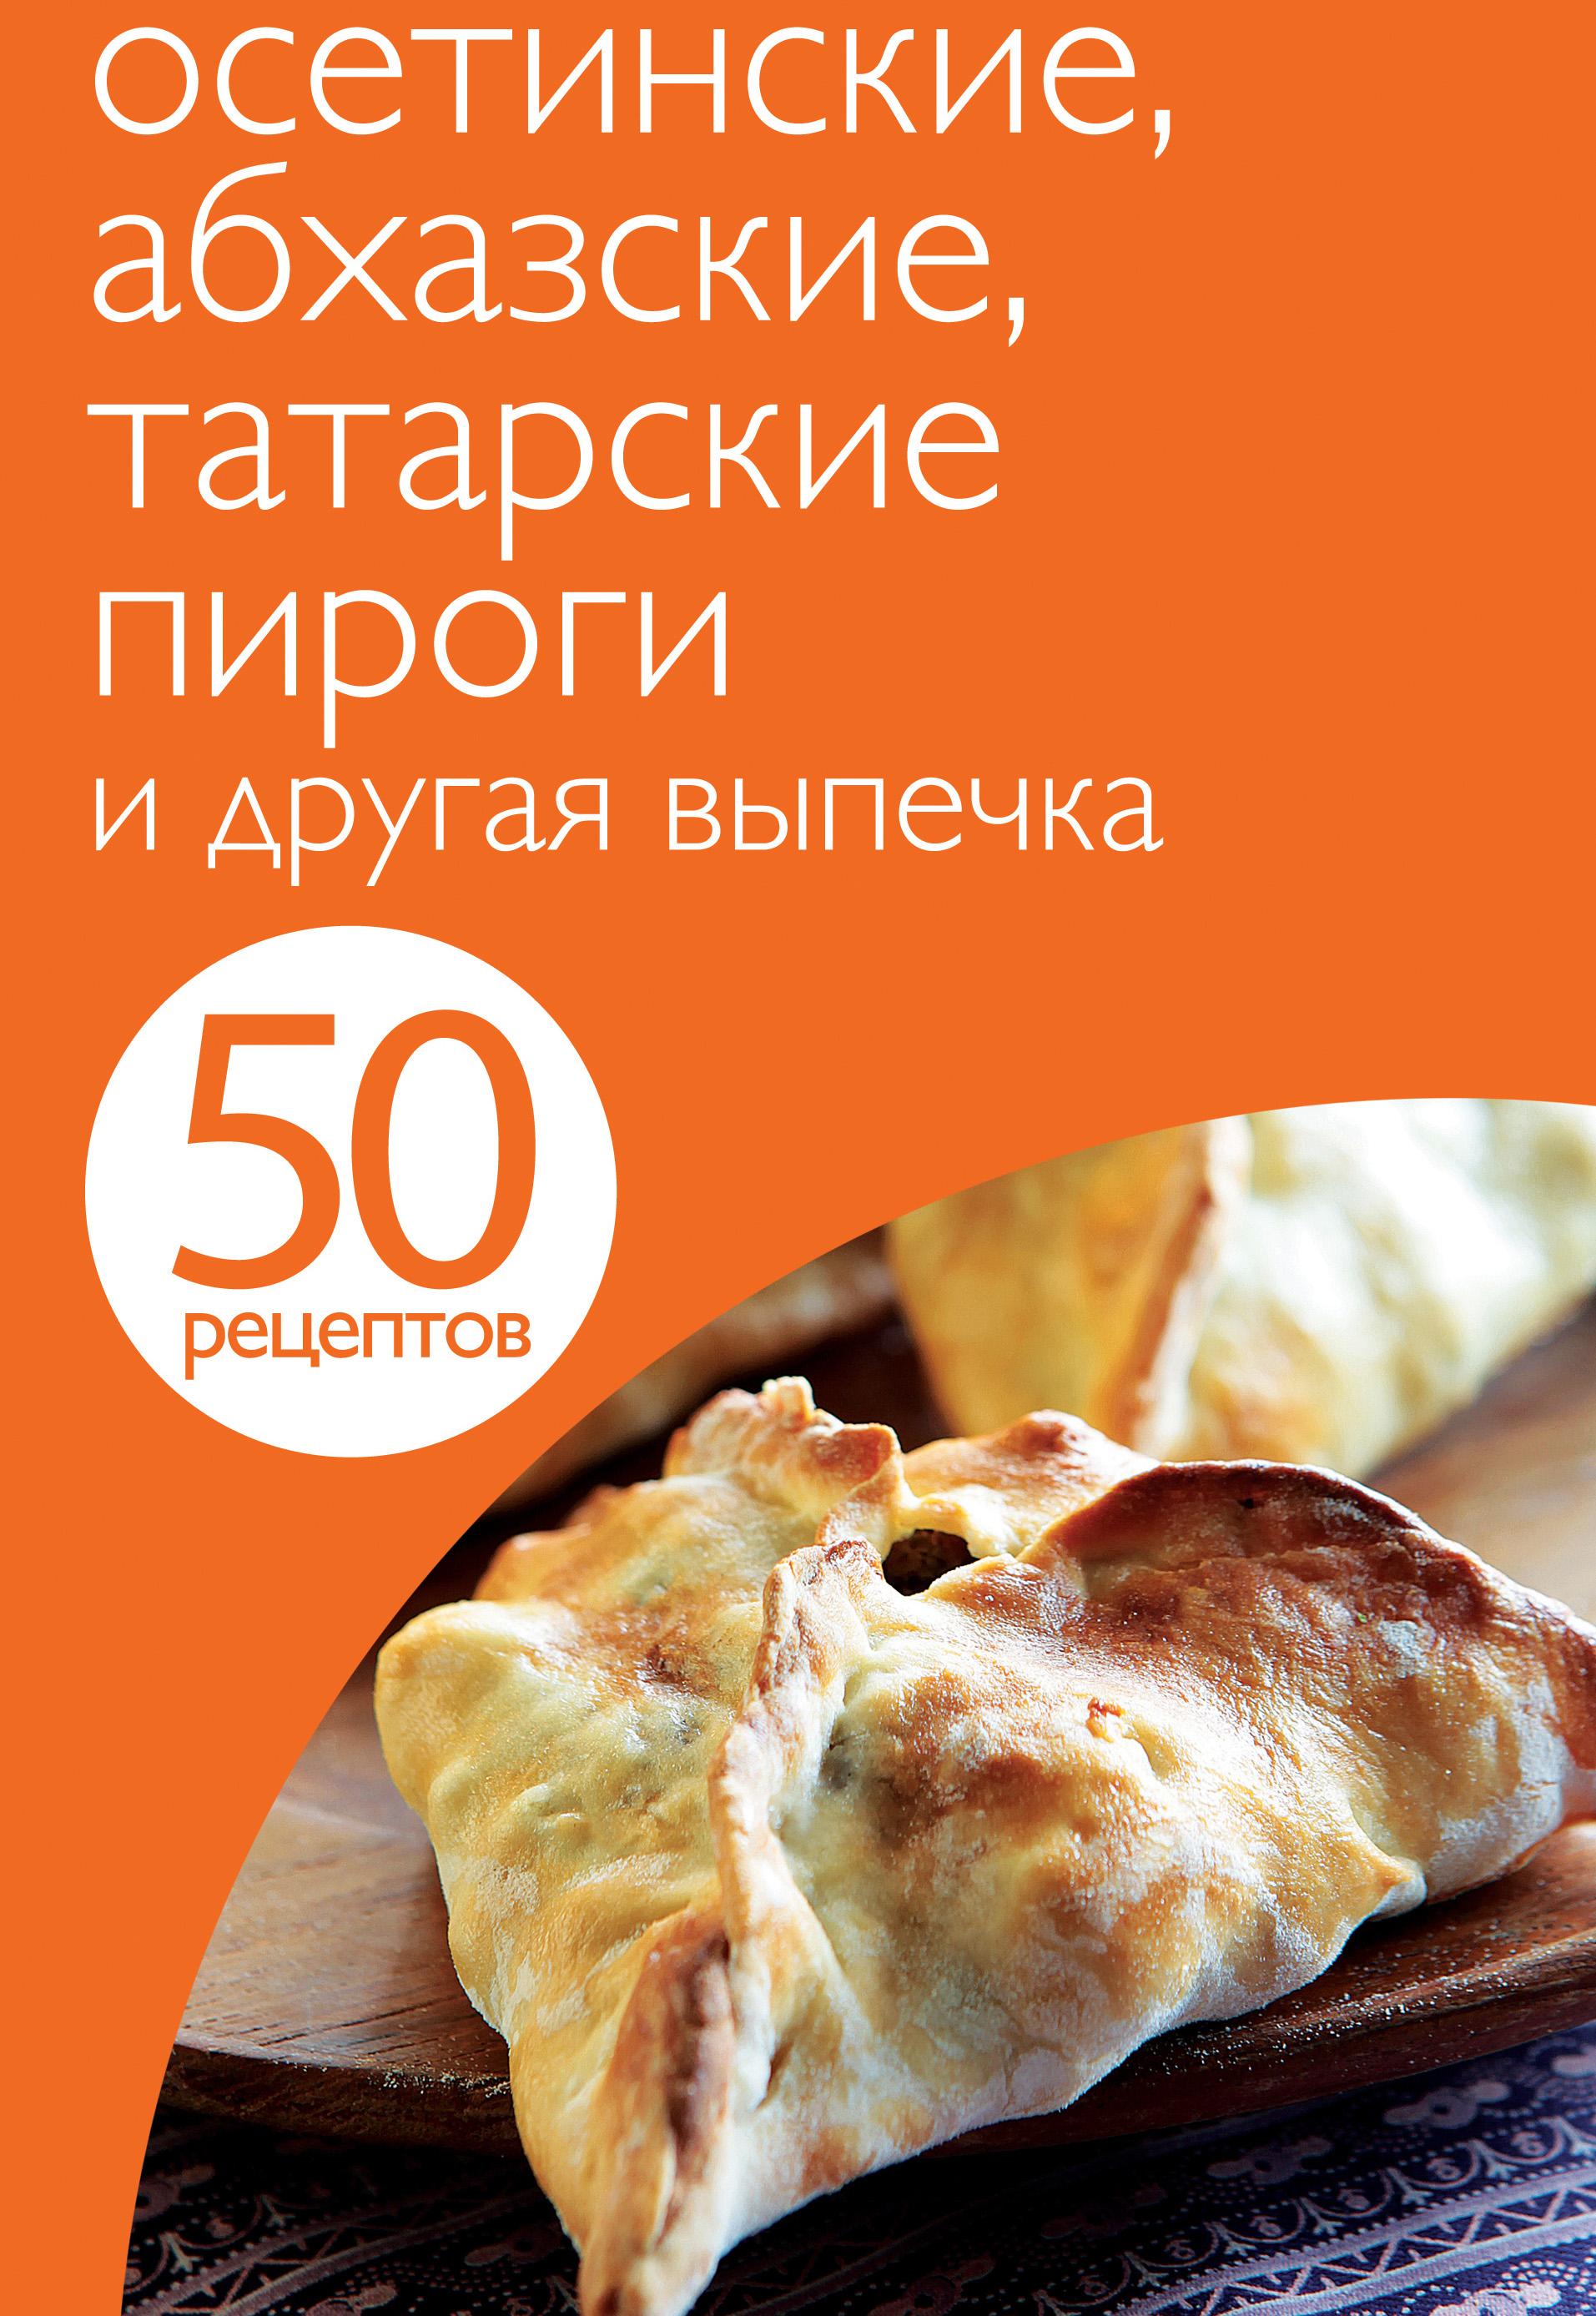 Отсутствует 50 рецептов. Осетинские, абхазские, татарские пироги и другая выпечка